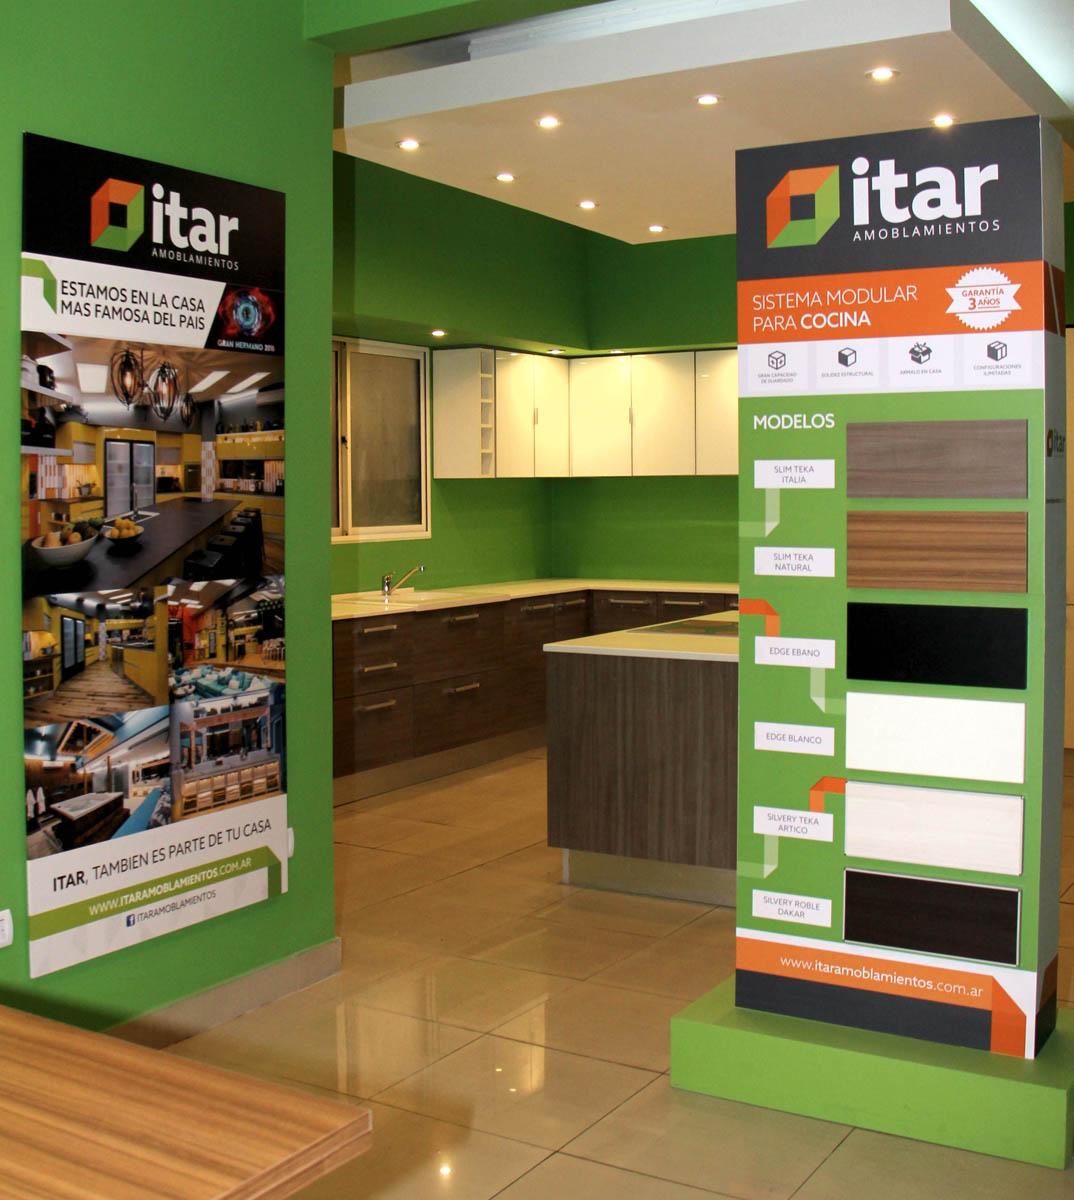 Muebles Para Baño Itar:Itar Amoblamientos inaugura su primer showroom